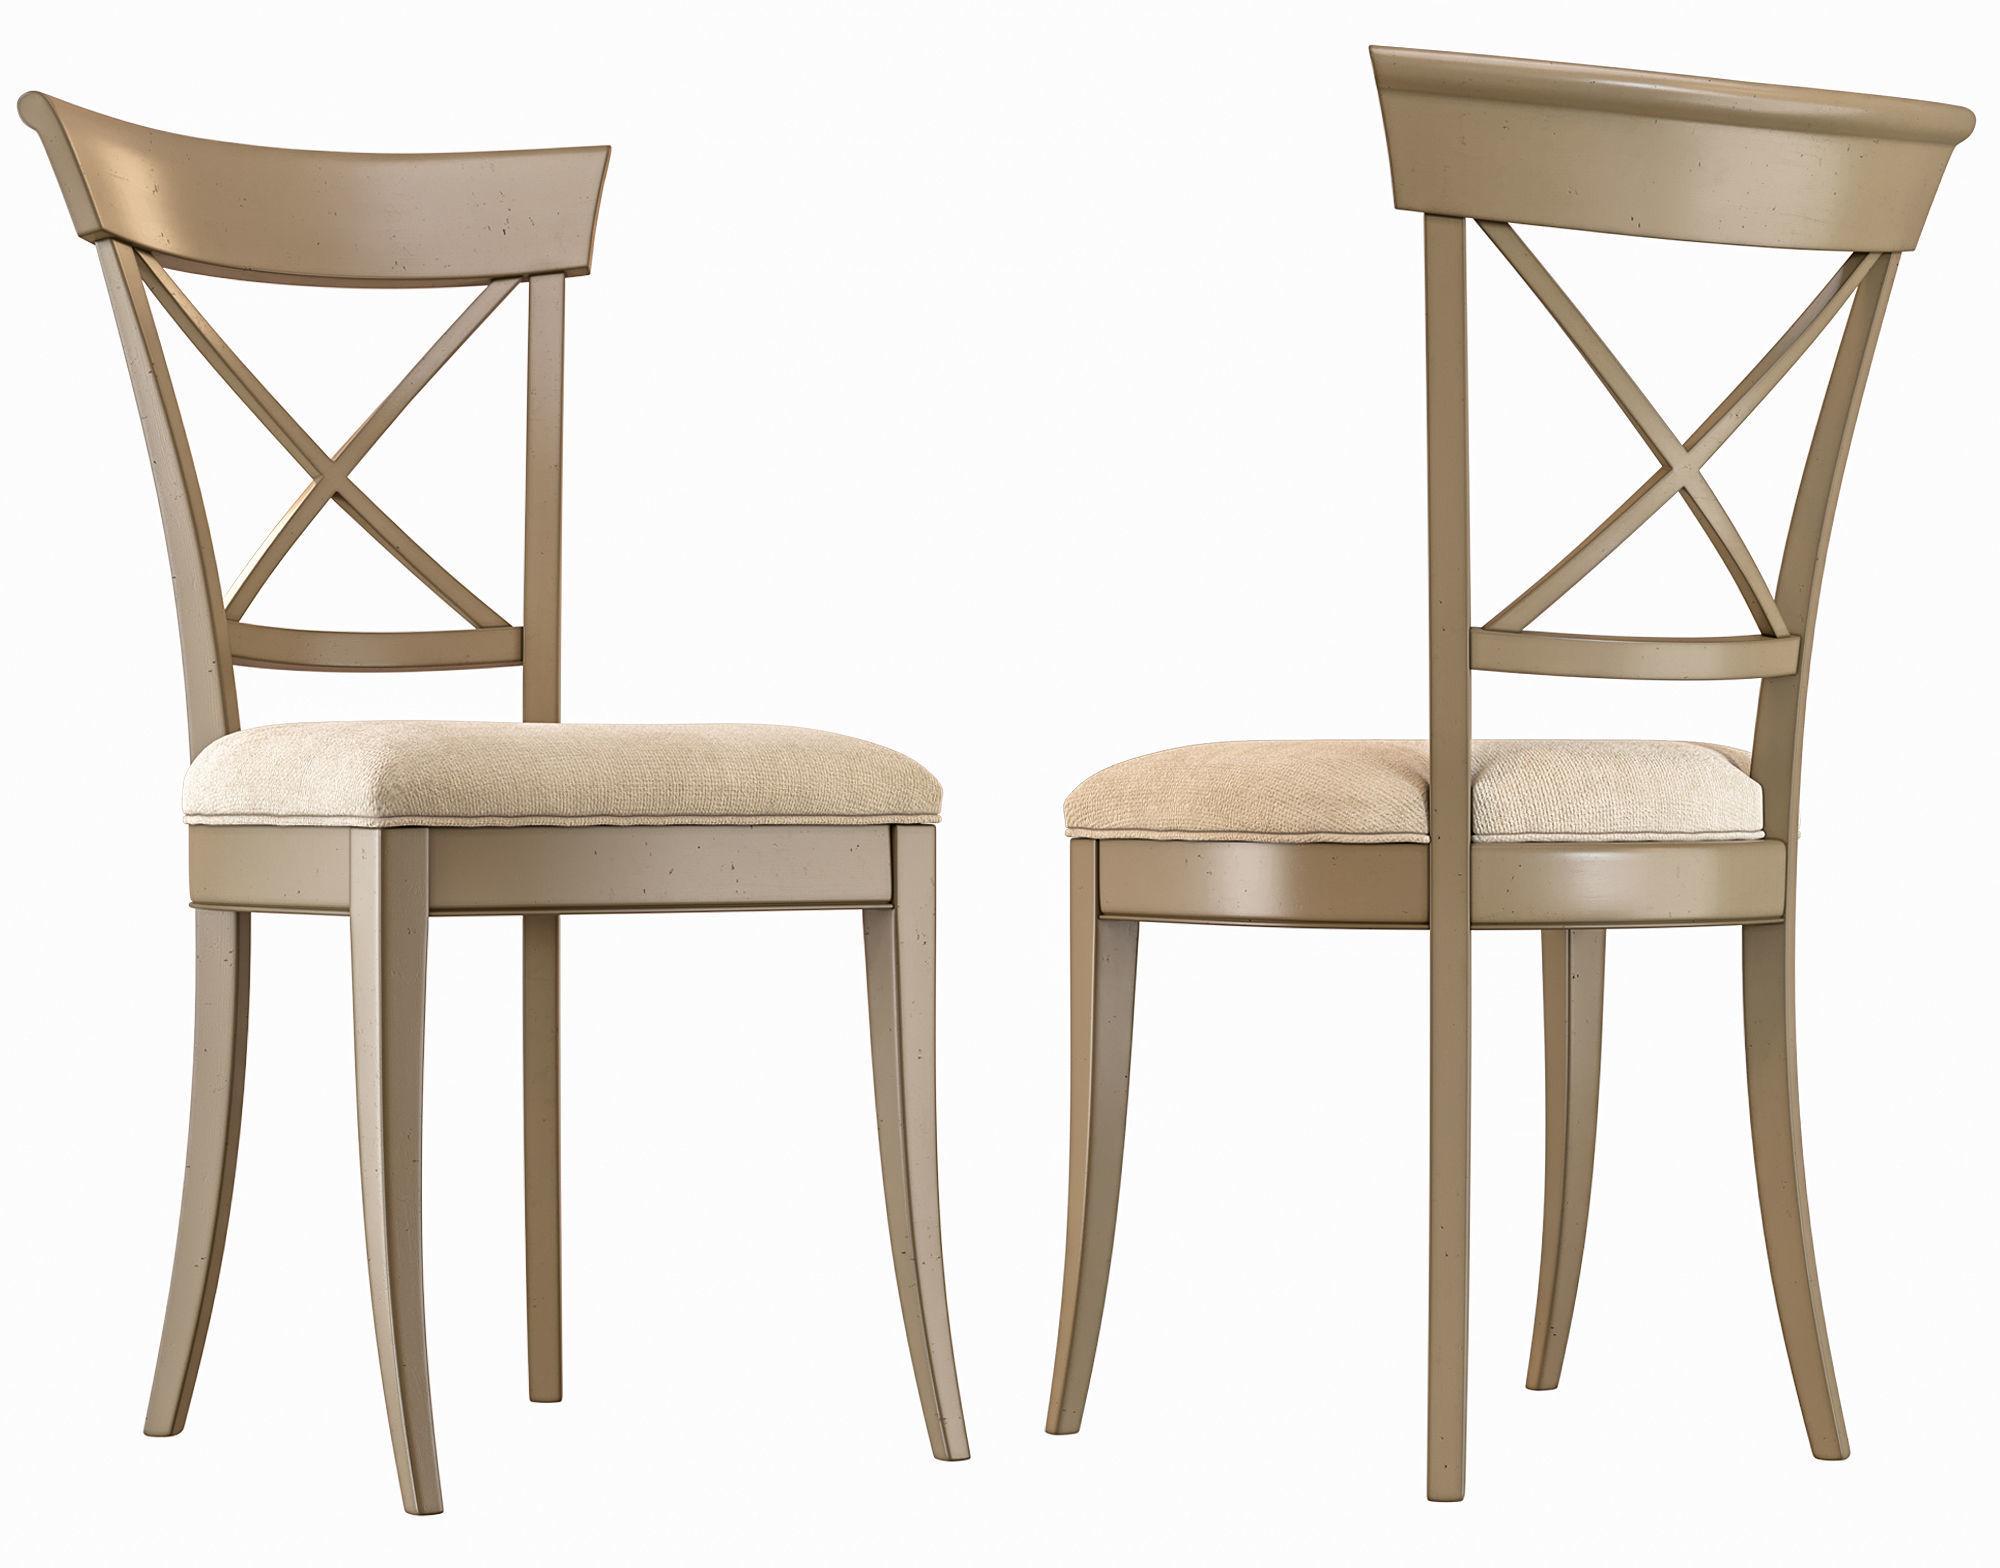 Ordinaire ... Hauteville Chair By Roche Bobois 3d Model Max Obj Mtl Fbx 3 ...